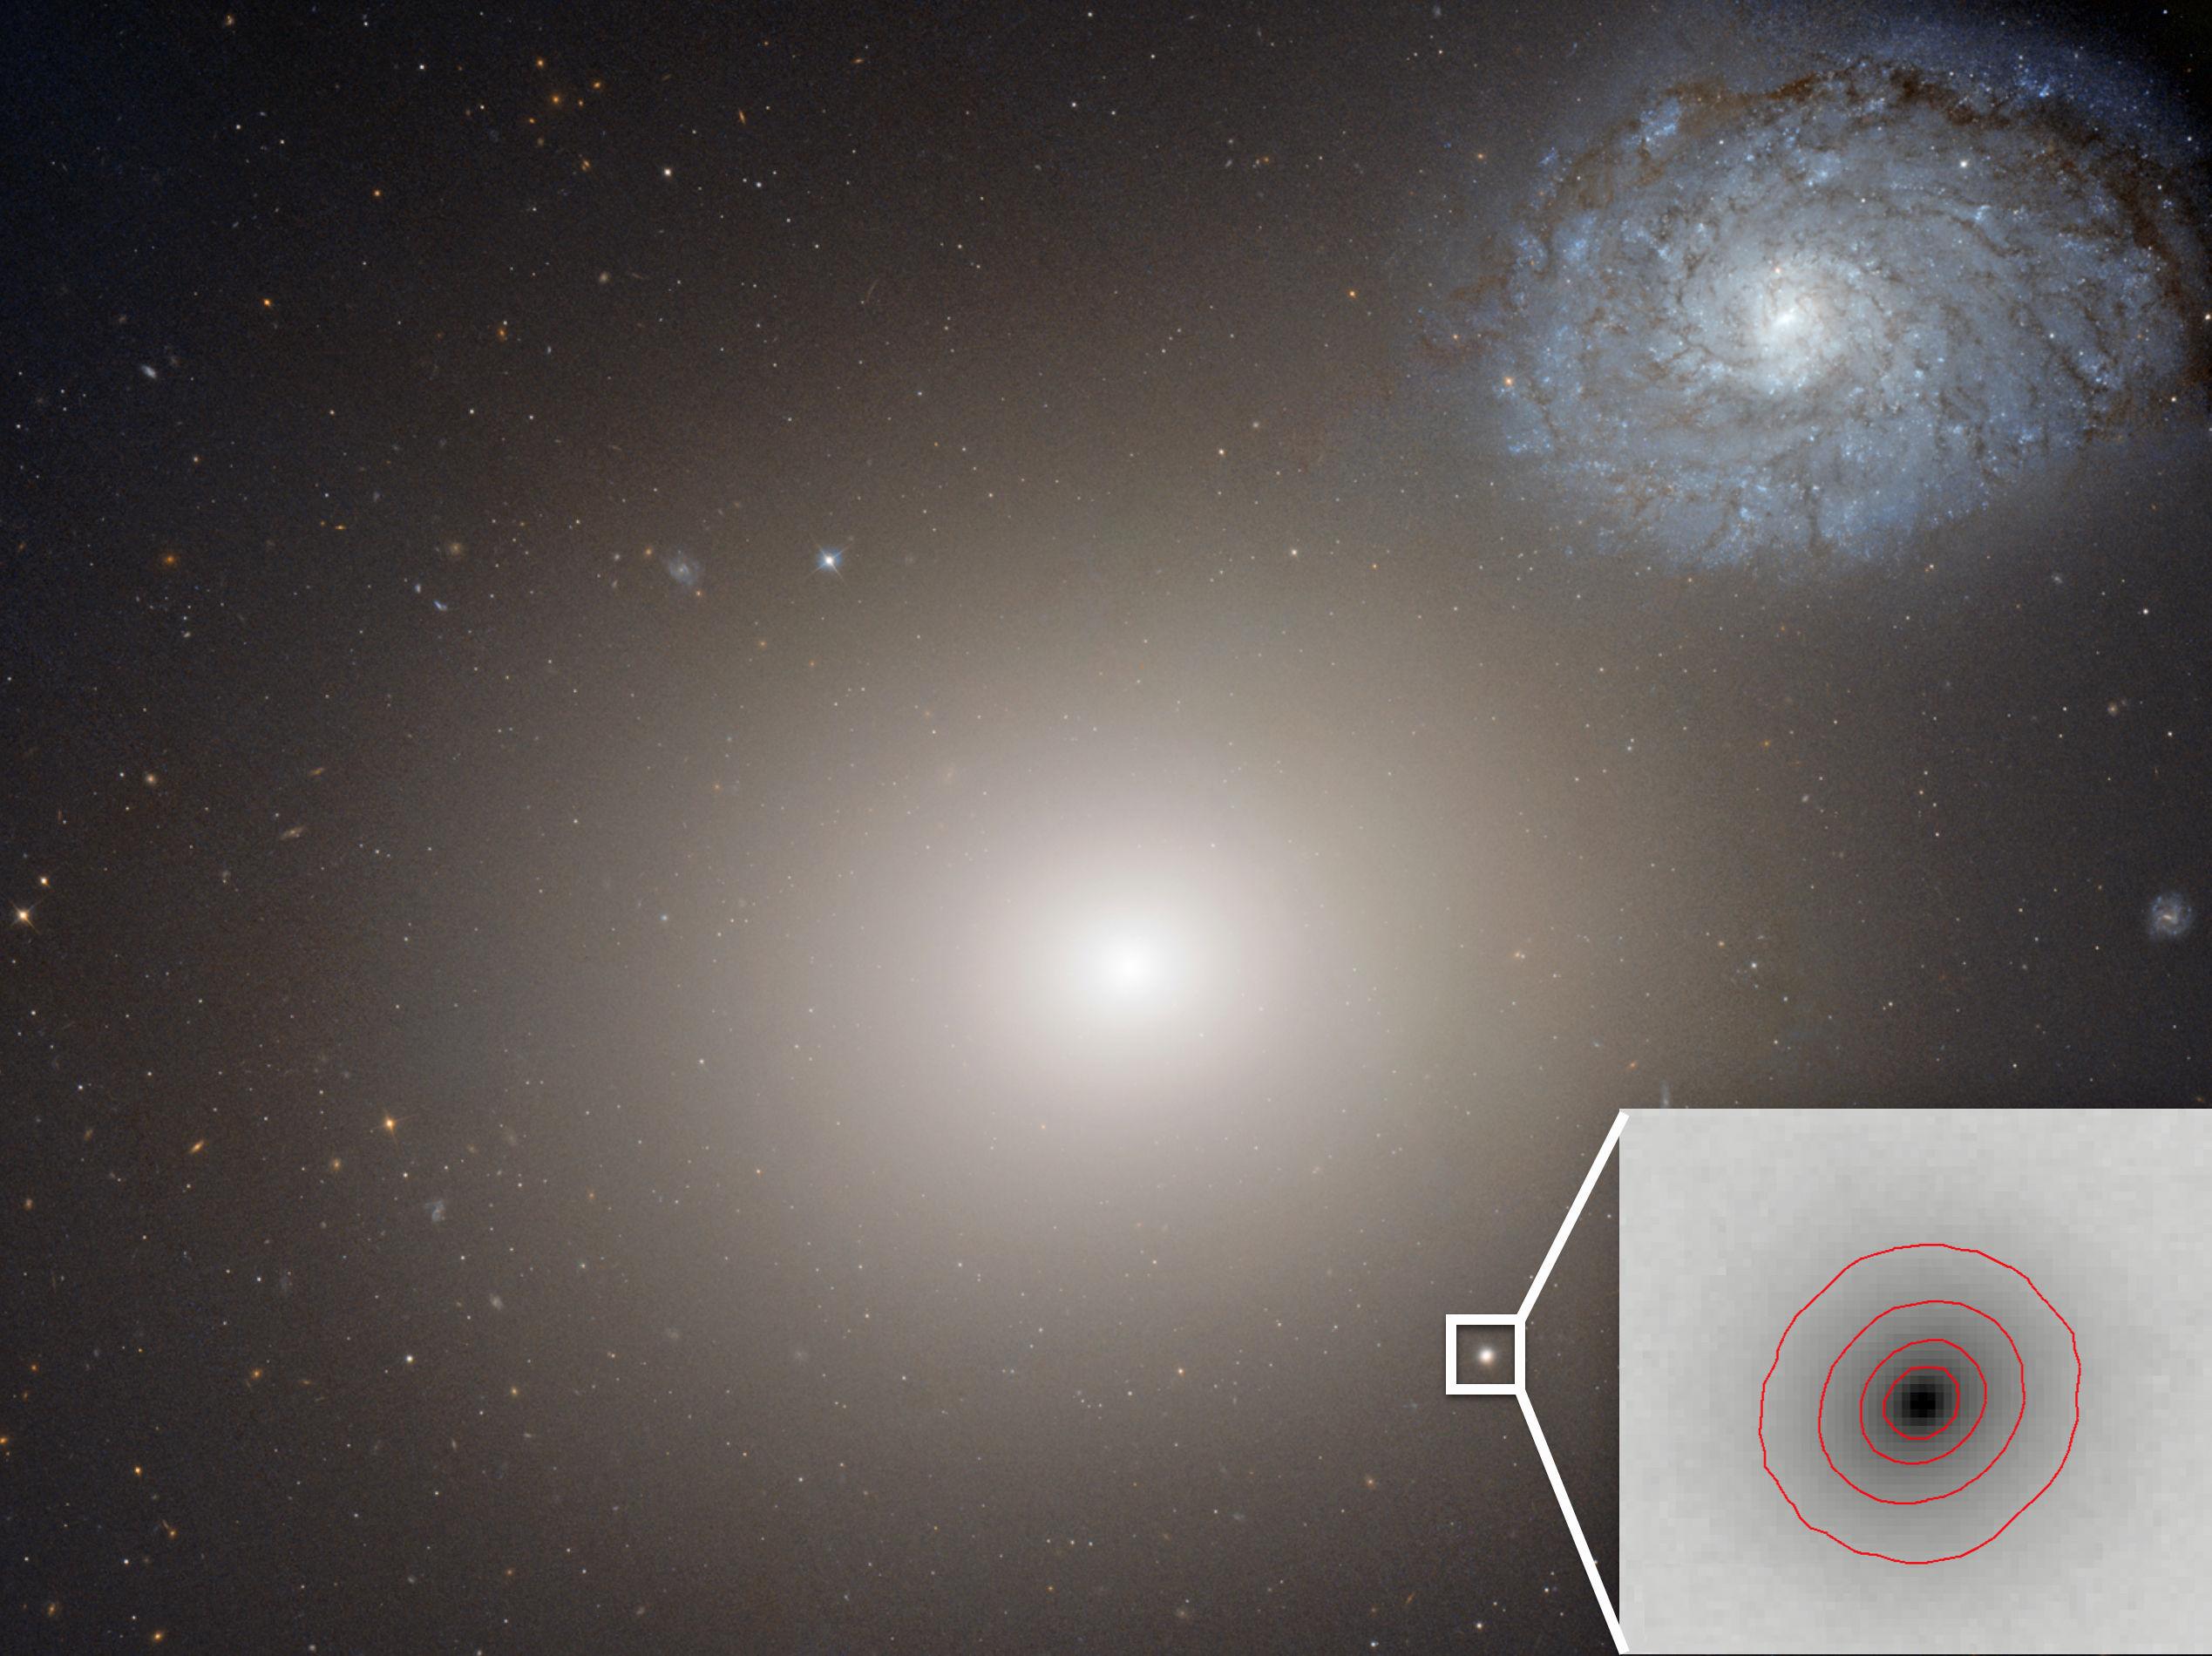 Самую маленькую галактику со сверхмассивной черной дырой помог обнаружить Хаббл